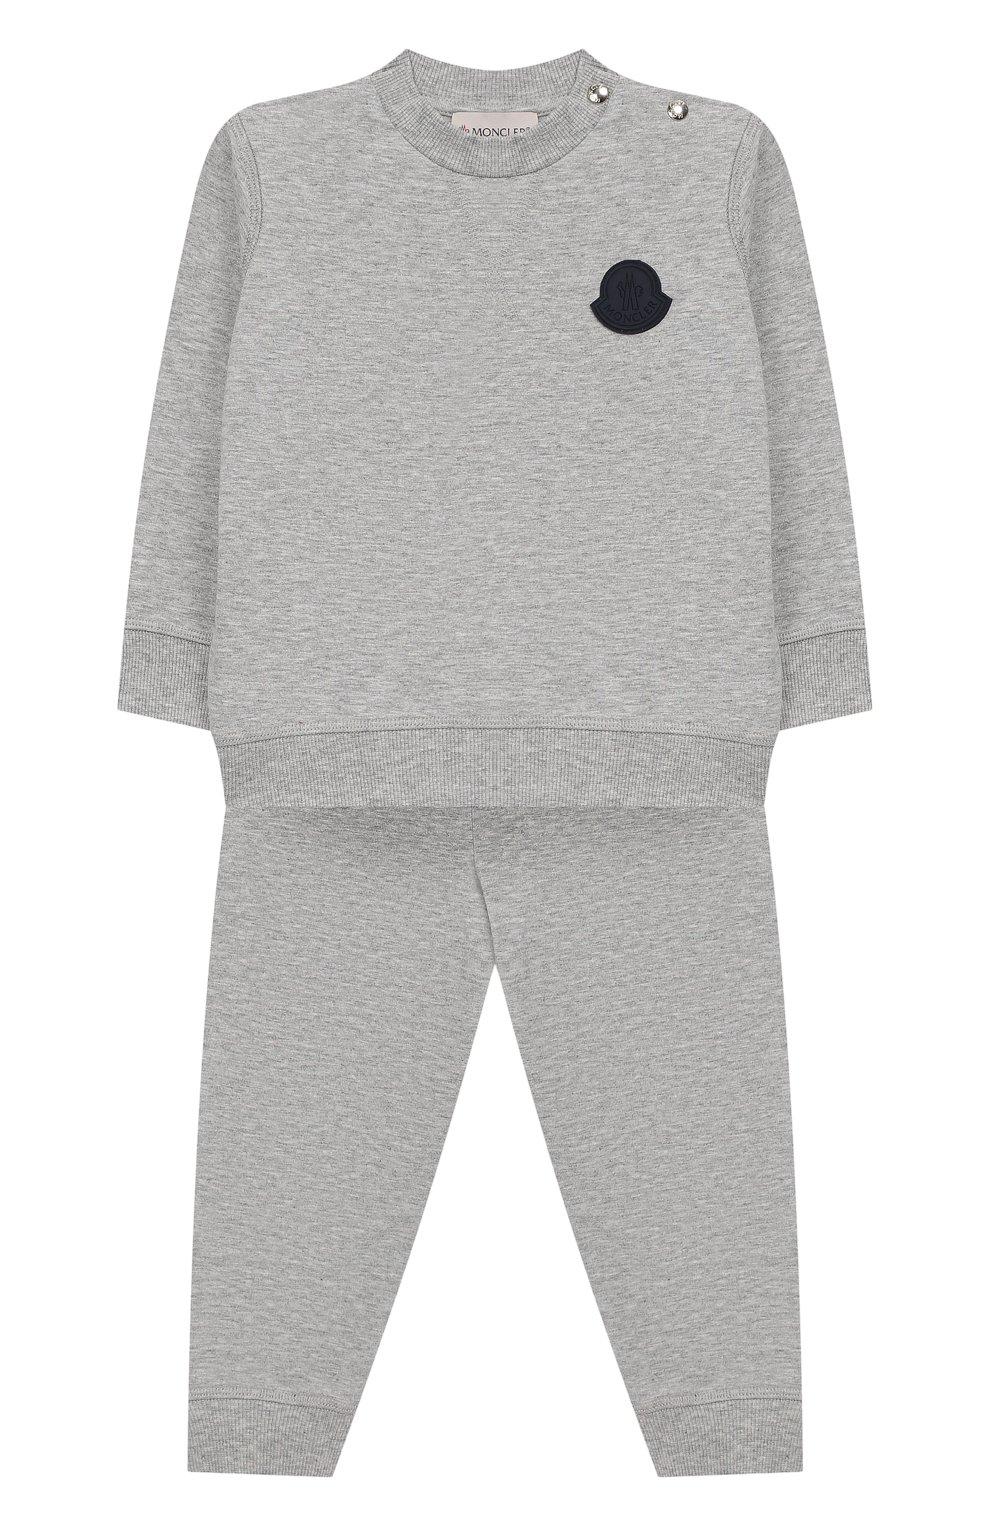 Детский комплект из хлопкового свитшота и брюк MONCLER ENFANT серого цвета, арт. E1-951-88125-05-809AC | Фото 1